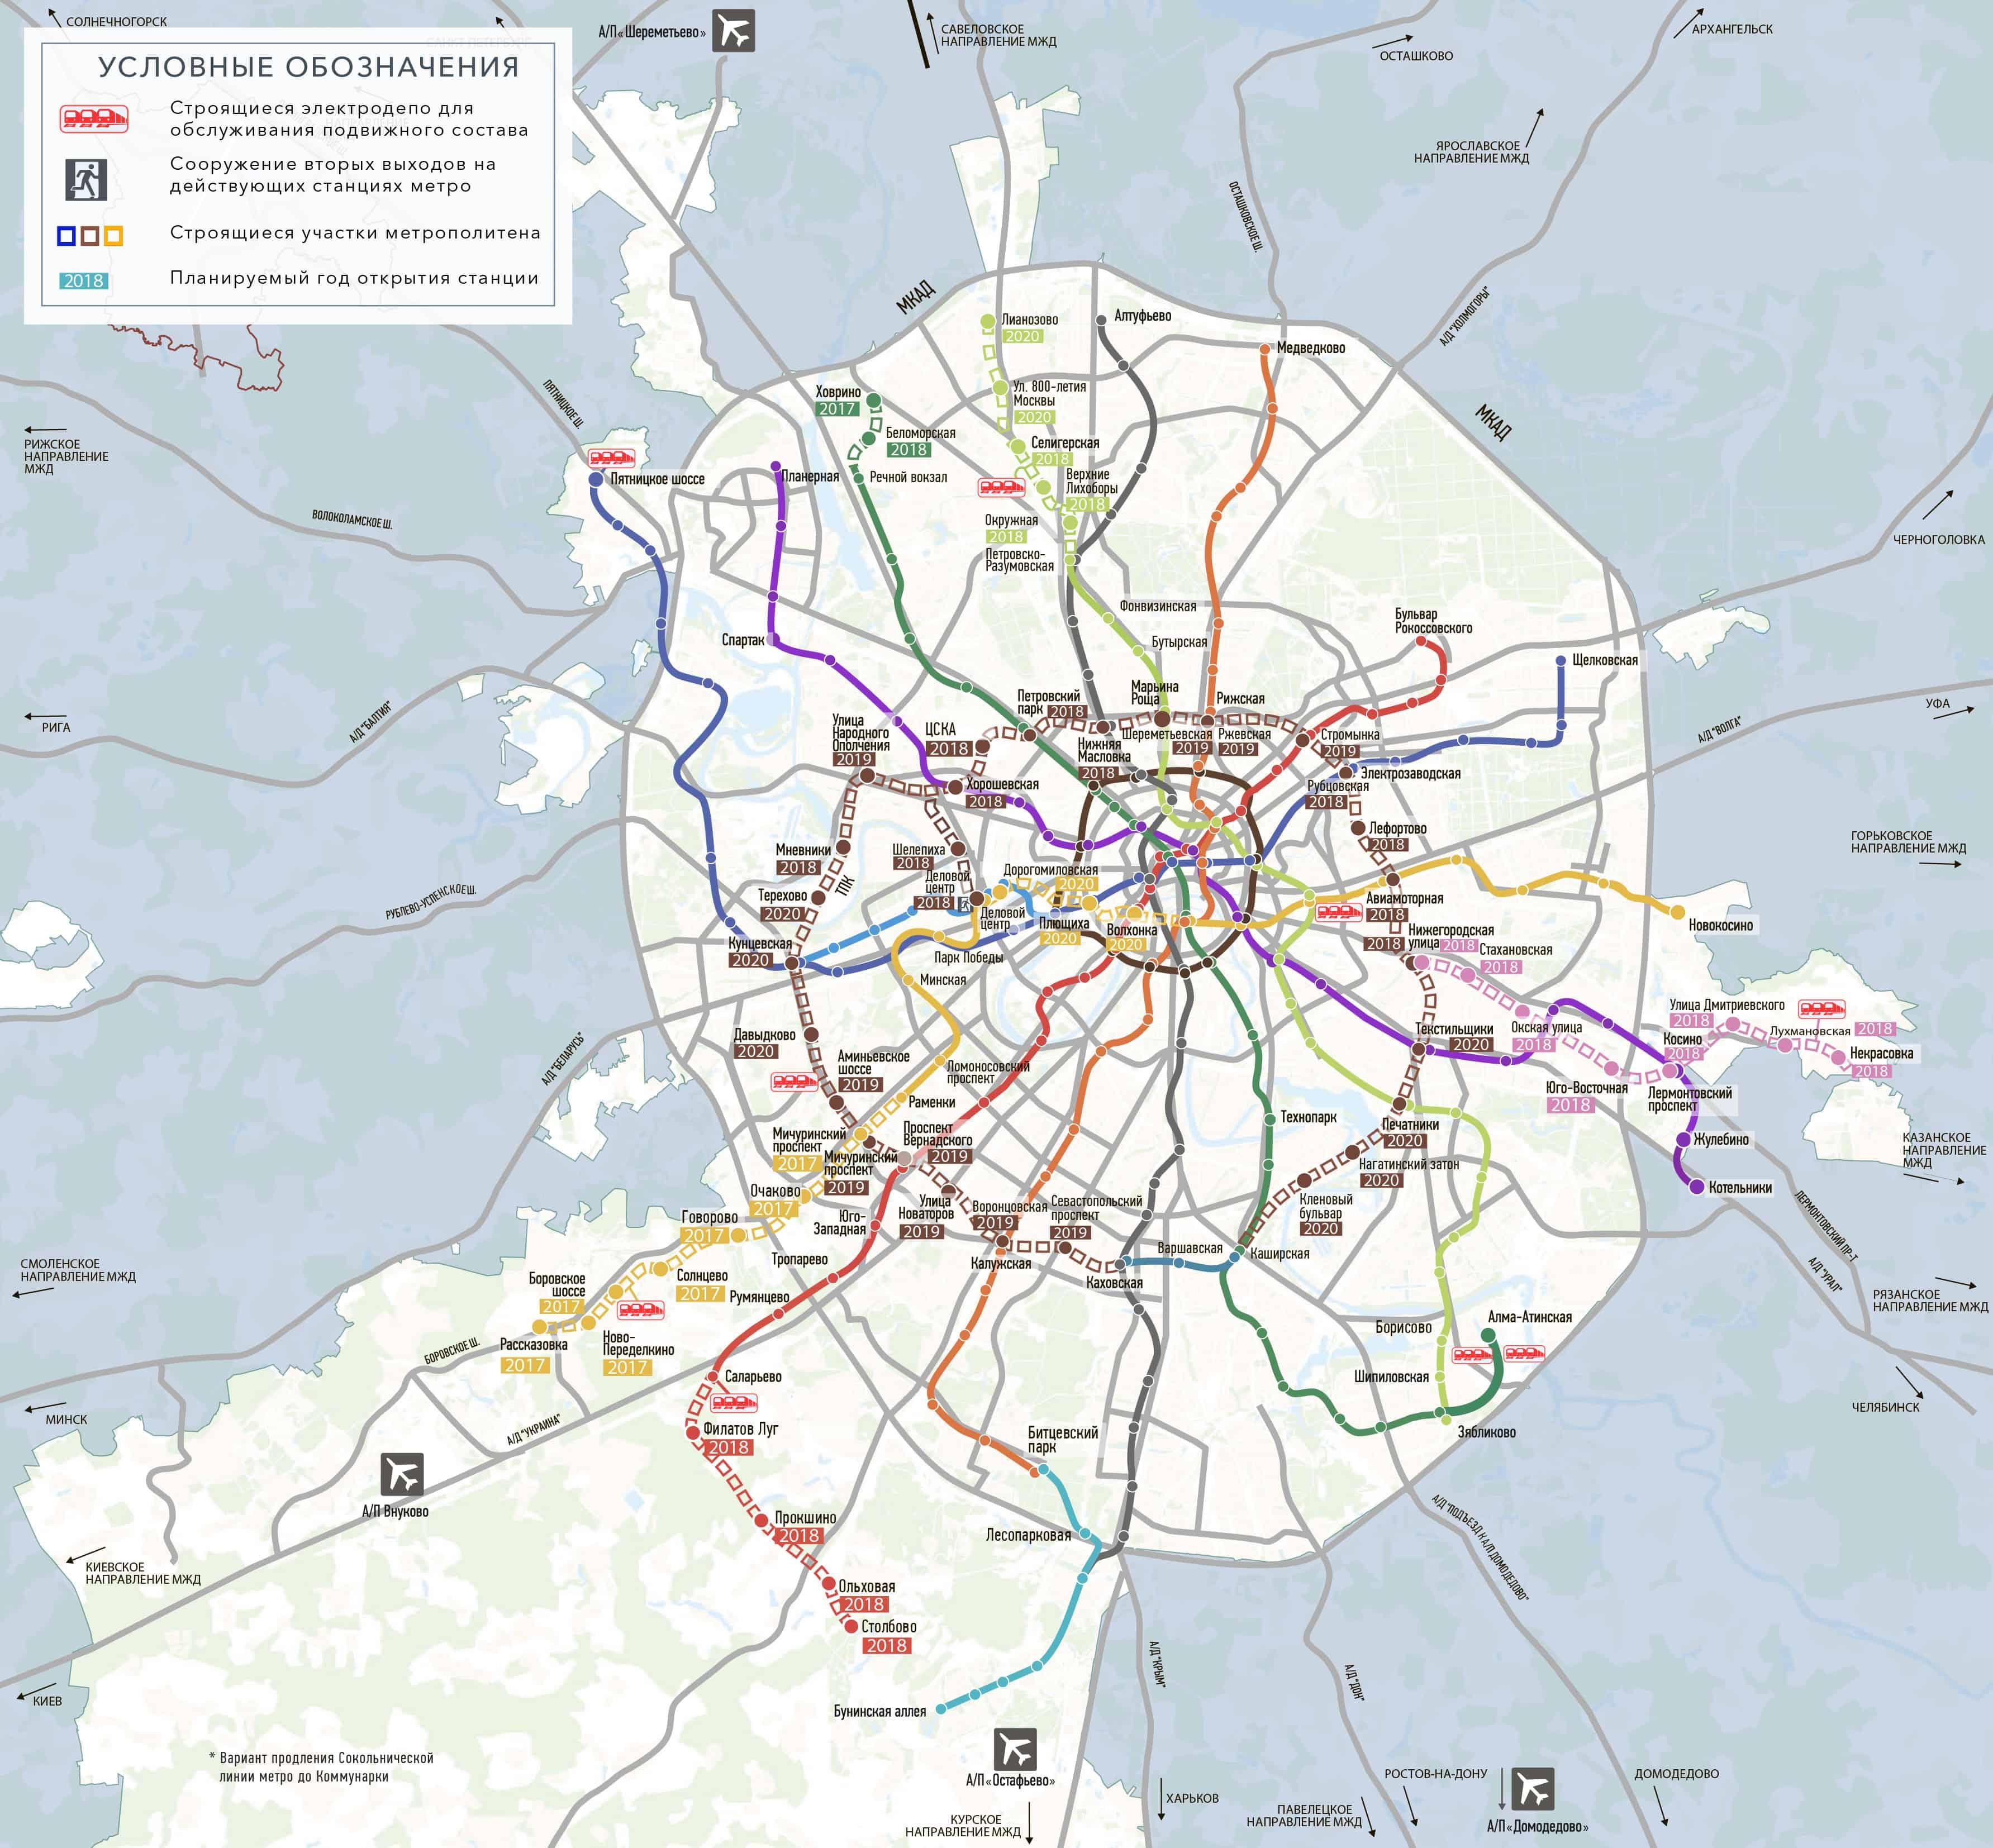 Схема метро Москвы со строящимися станциями 2020